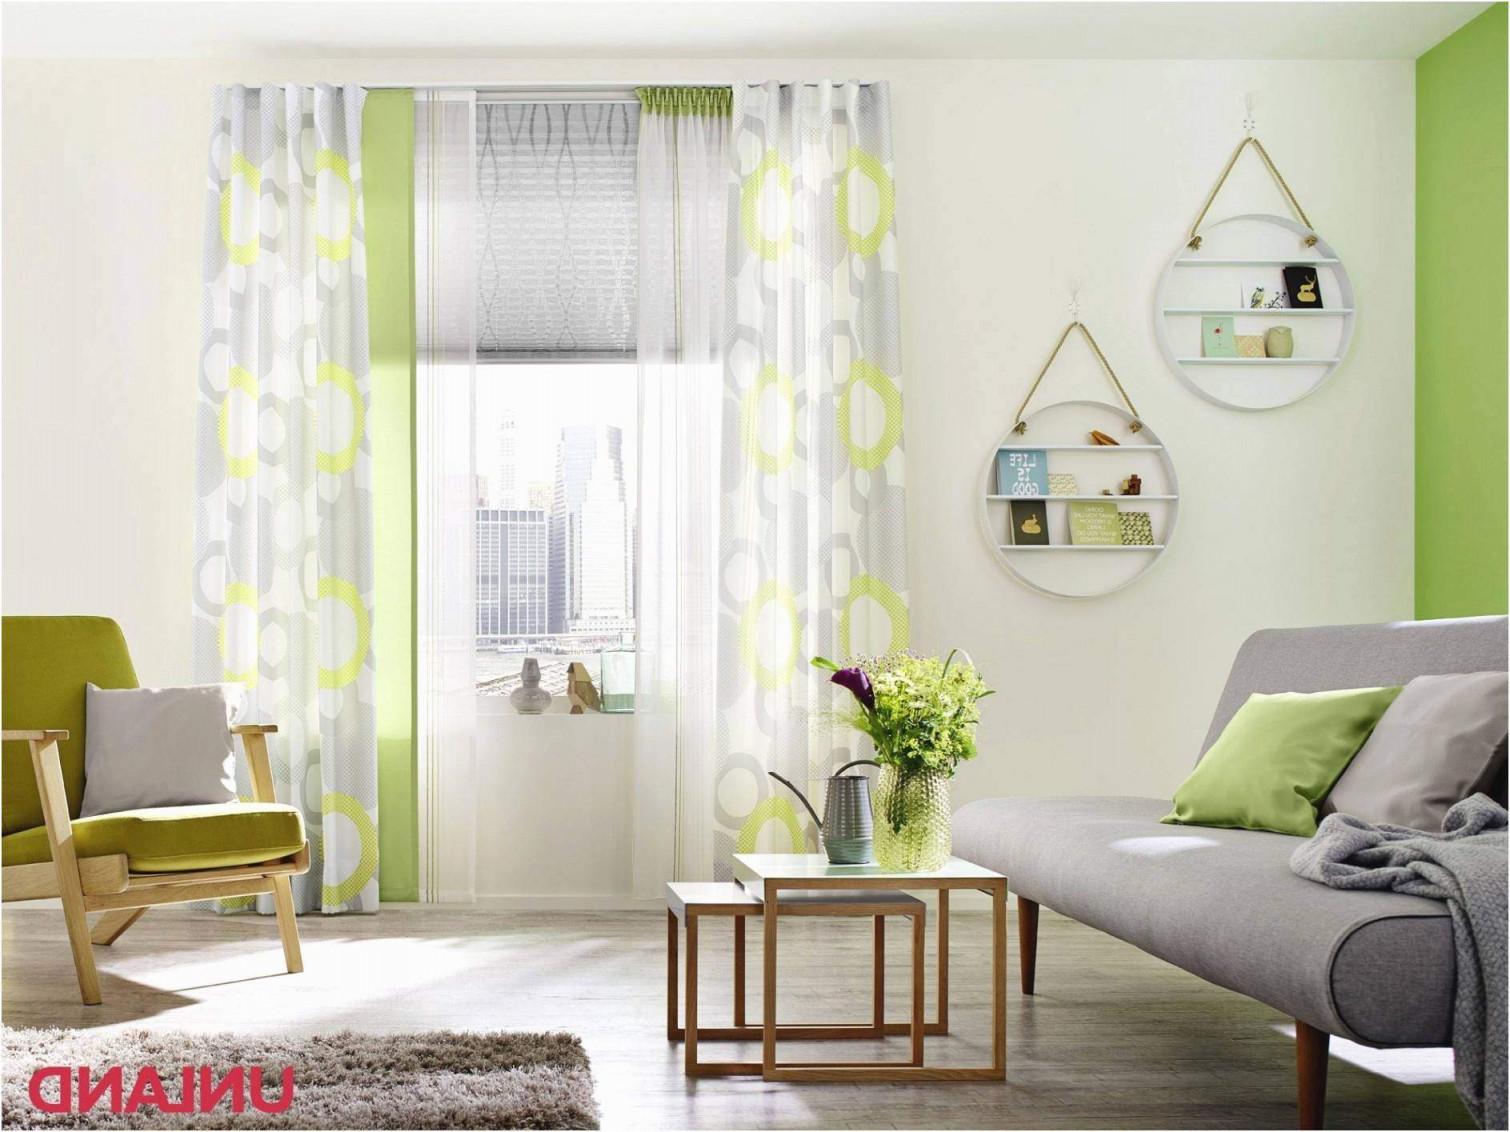 27 Elegant Wandspiegel Wohnzimmer Neu  Wohnzimmer Frisch von Deko Spiegel Wohnzimmer Bild